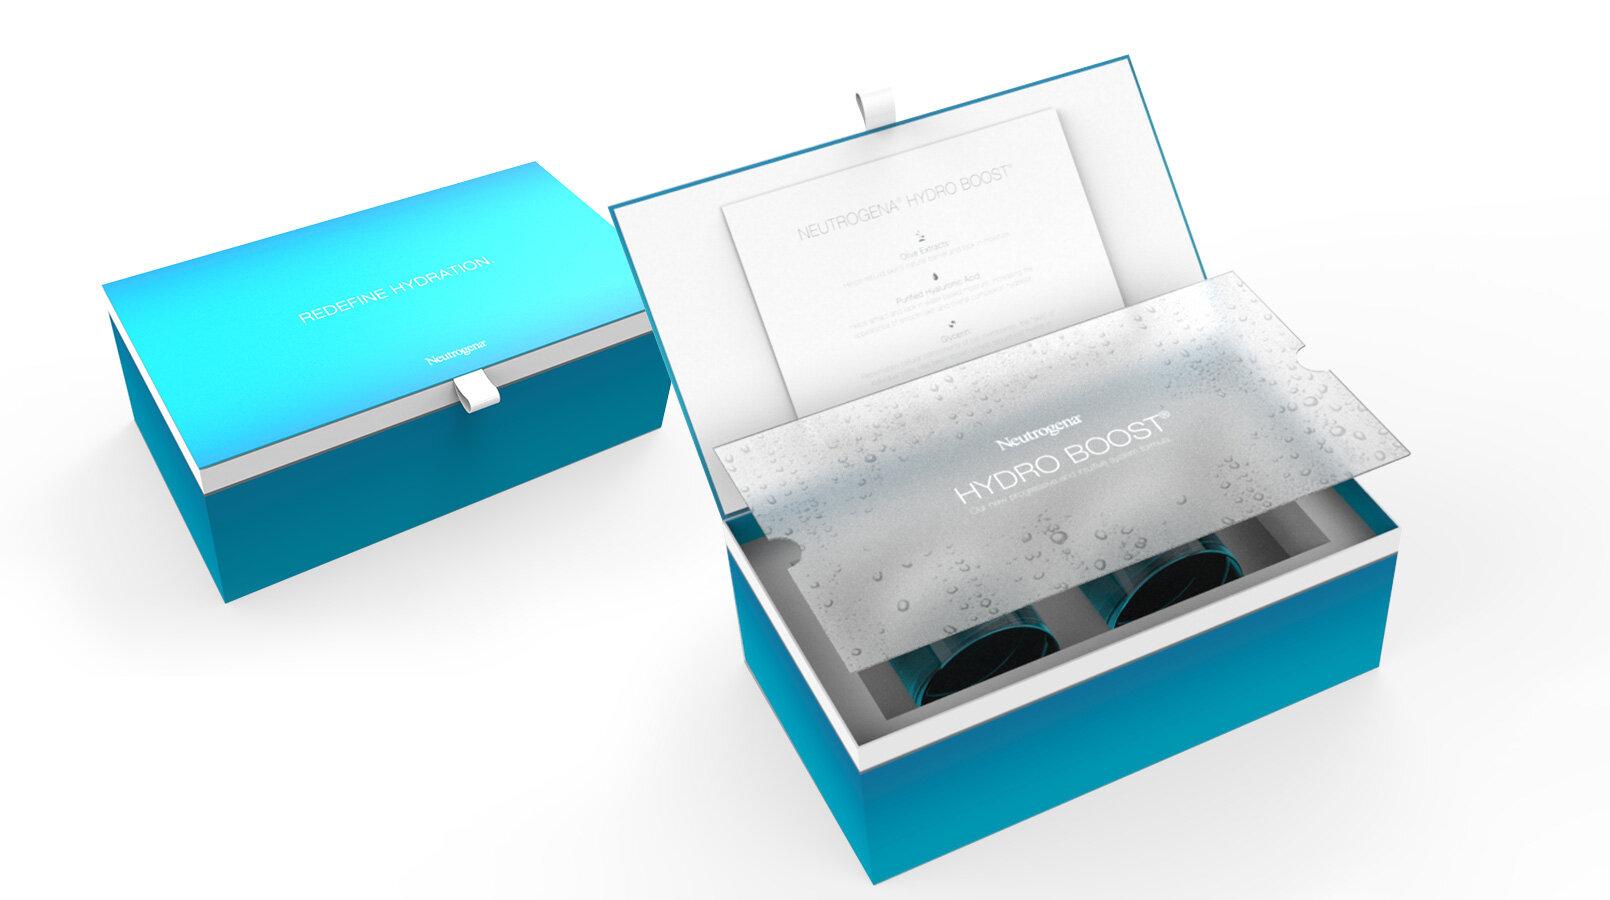 中源伞 - 水力 - 升压箱 - 化妆品包装公司 - 设计-3.JPG